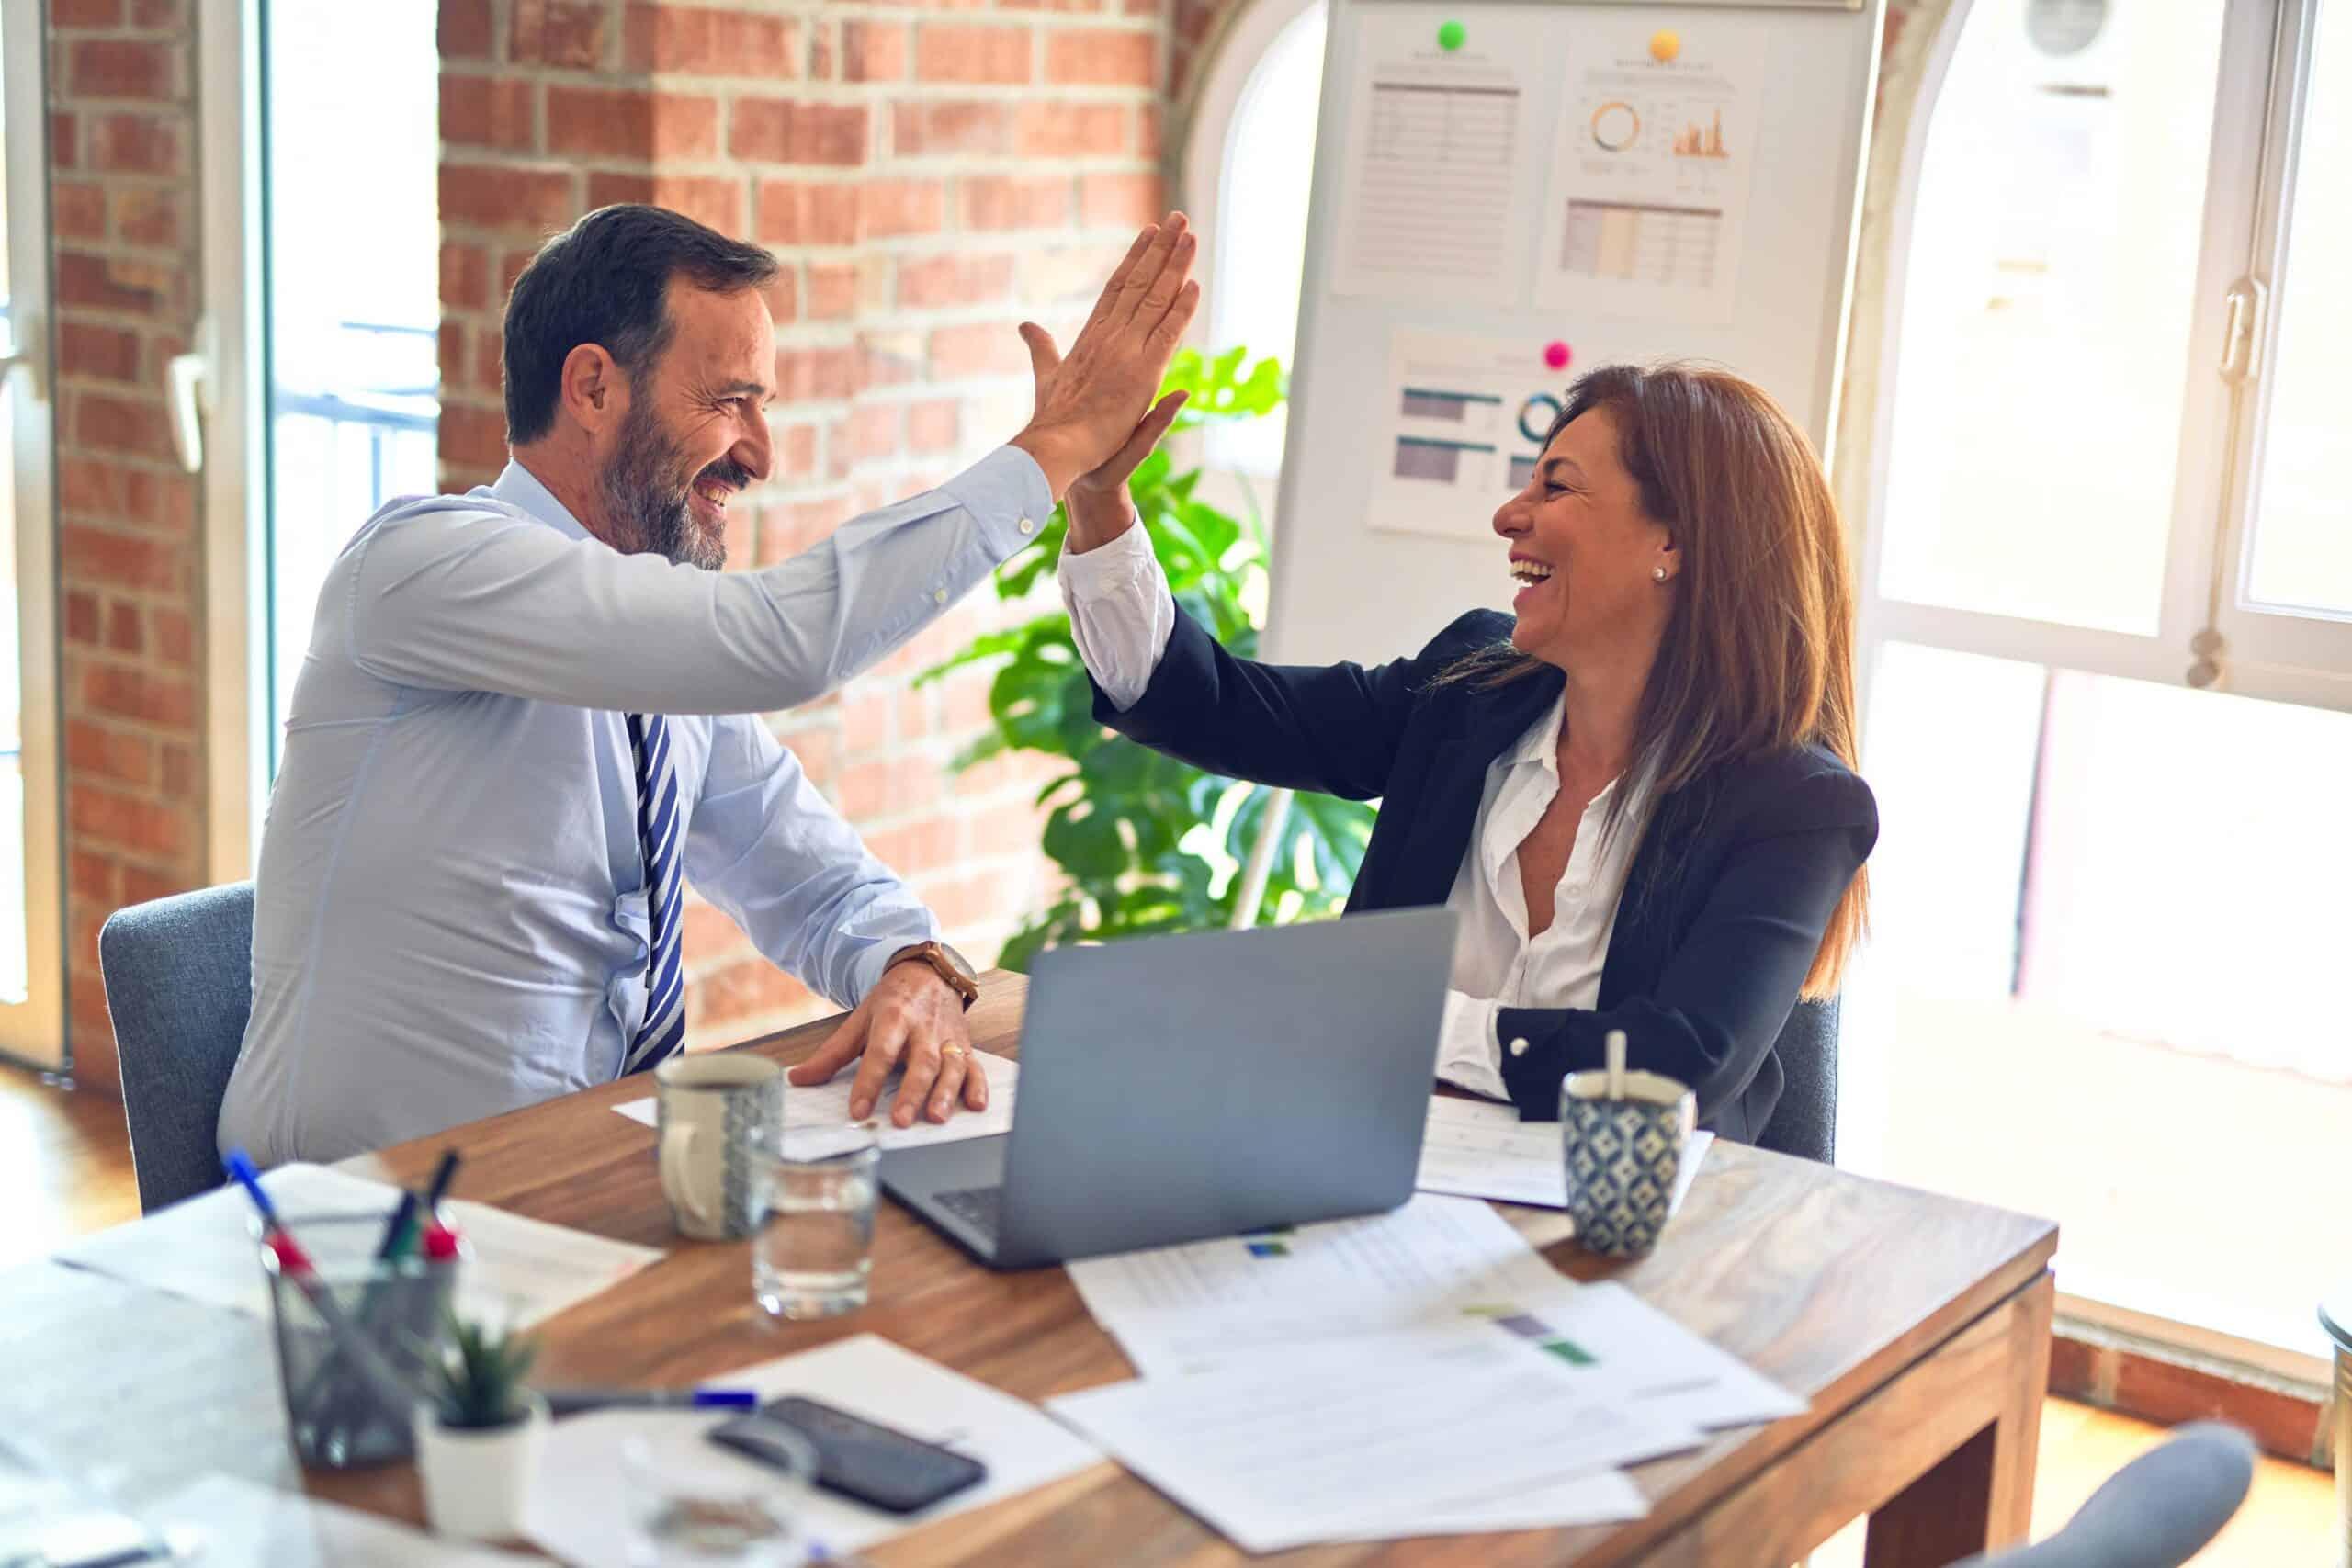 krakenimages 376KN ISplE unsplash 2 1 scaled - Tips voor een gezonde werkomgeving op kantoor!